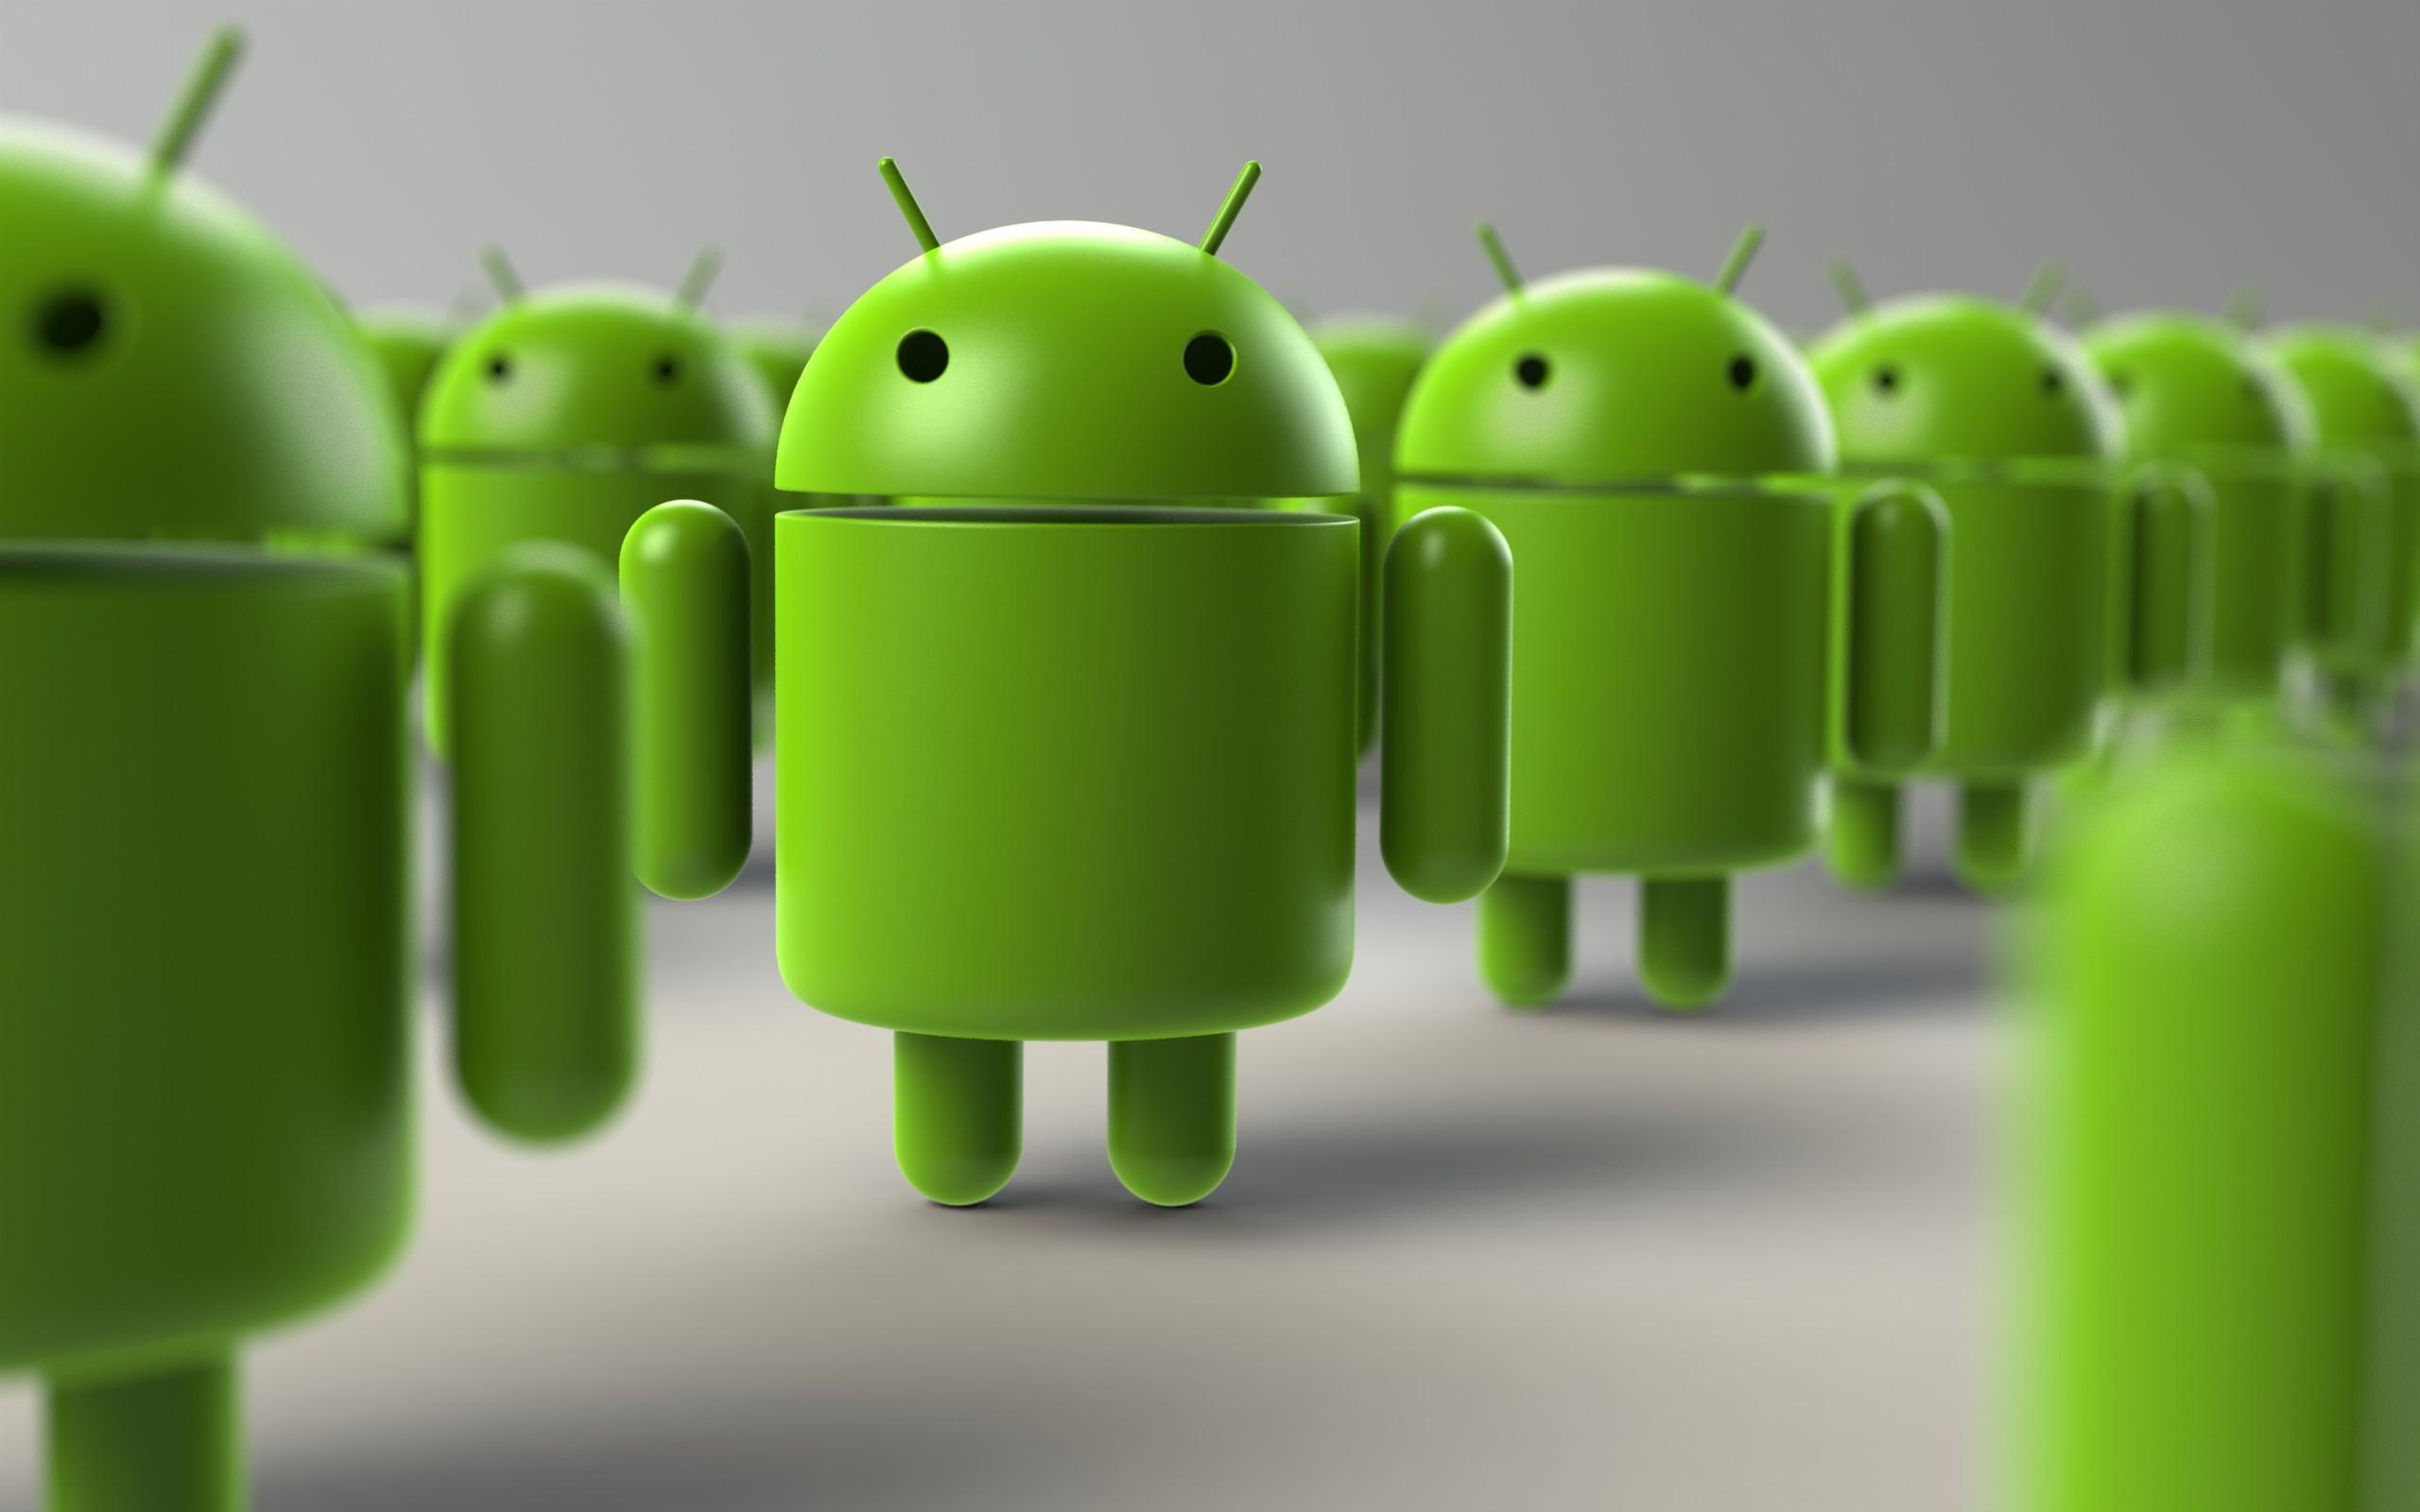 В Google Play снова нашли малварь, объединявшую устройства в рекламный ботнет